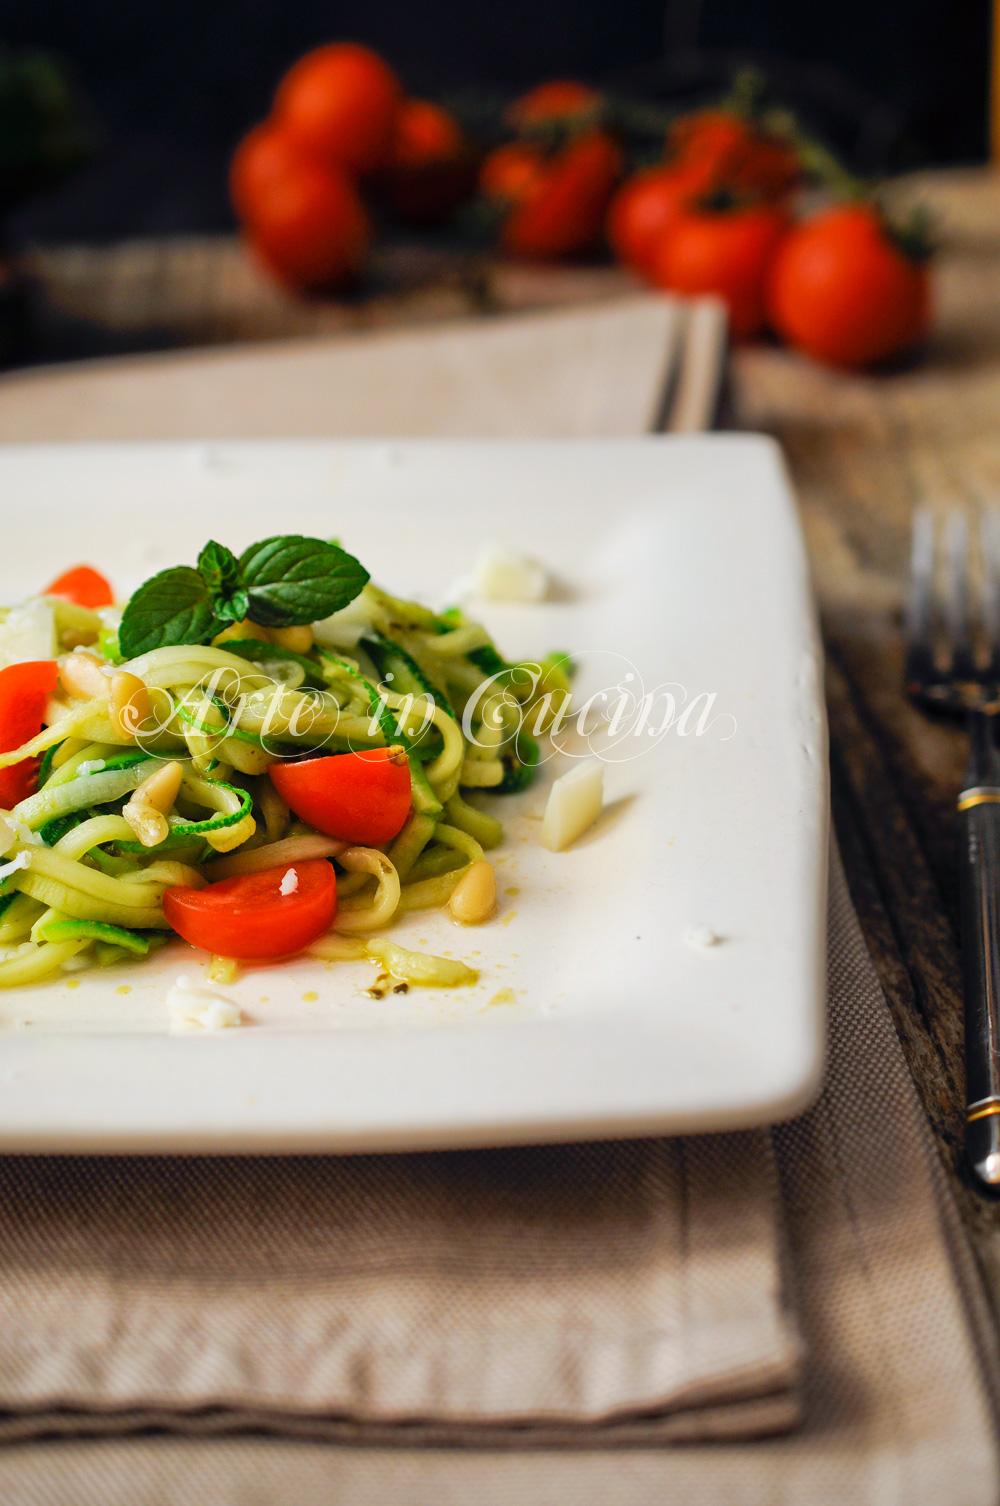 Spaghetti di zucchine al pesto ricetta leggera vickyart arte in cucina